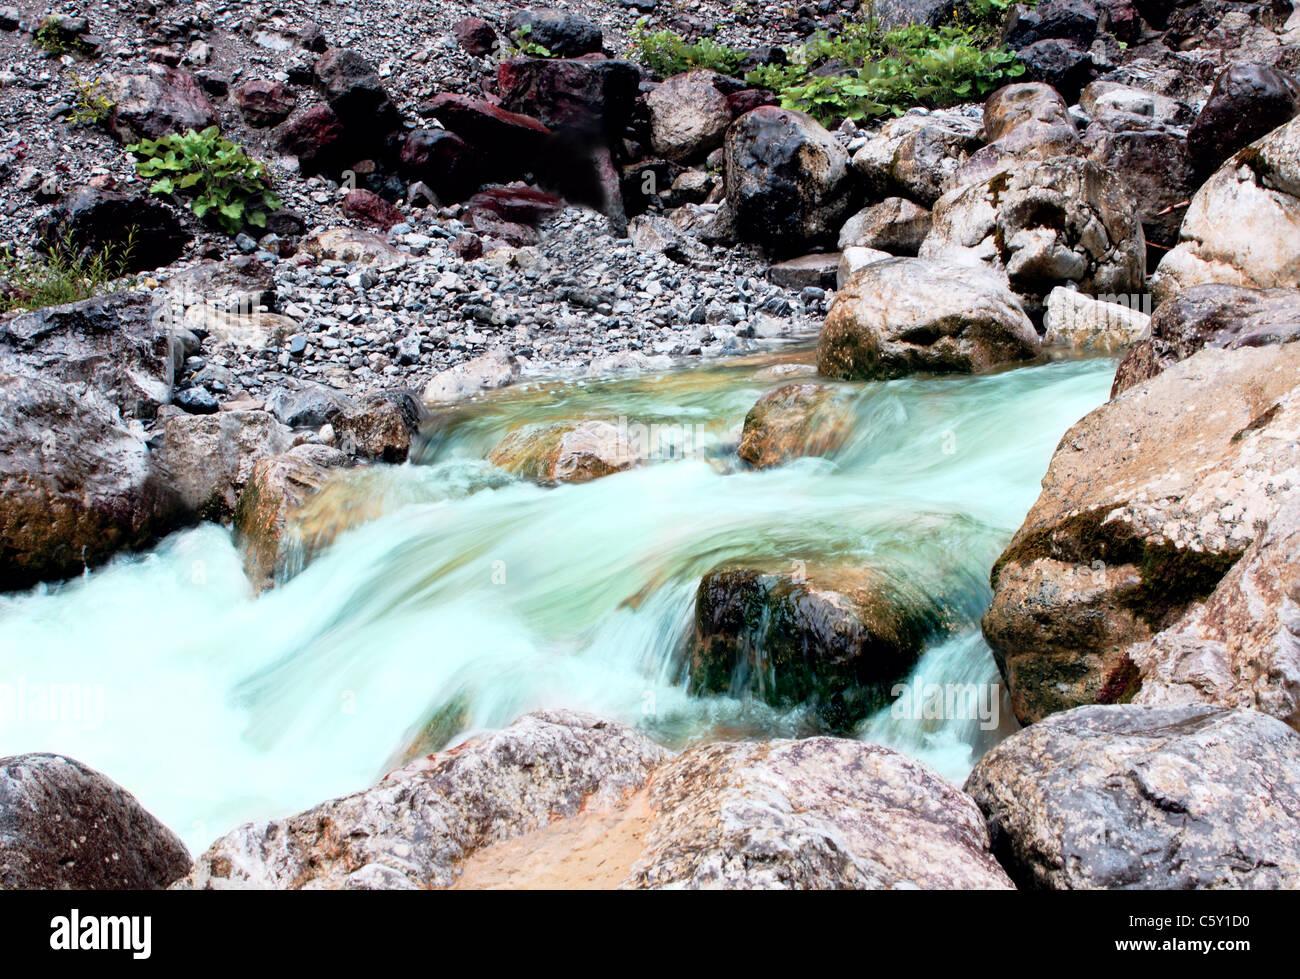 schnell klare Bergfluss zwischen großen Steinen Stockbild